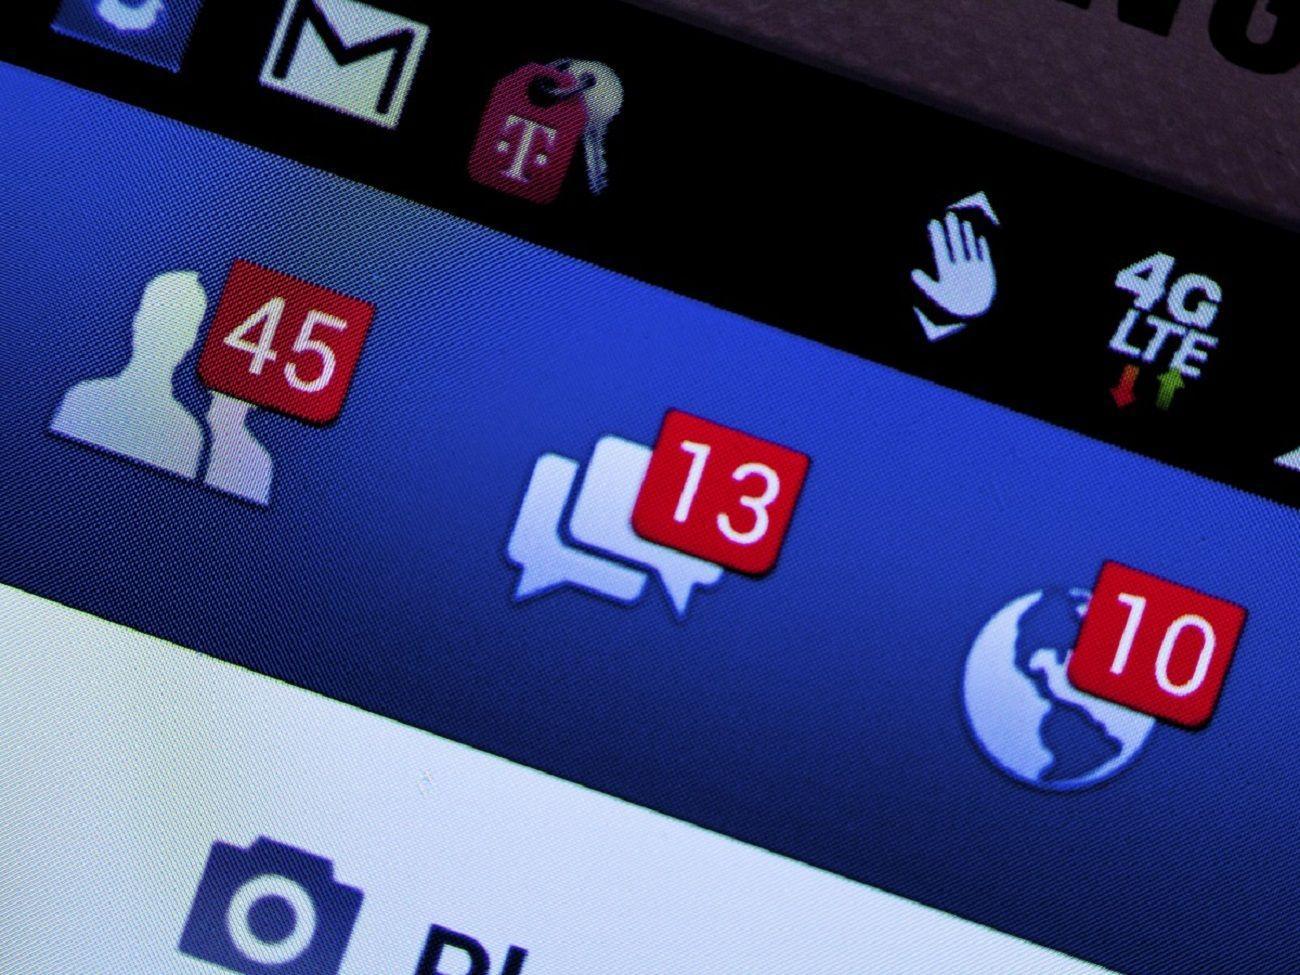 Facebook se lanza a combatir el acoso virtual: nuevas herramientas contra cyberbullying